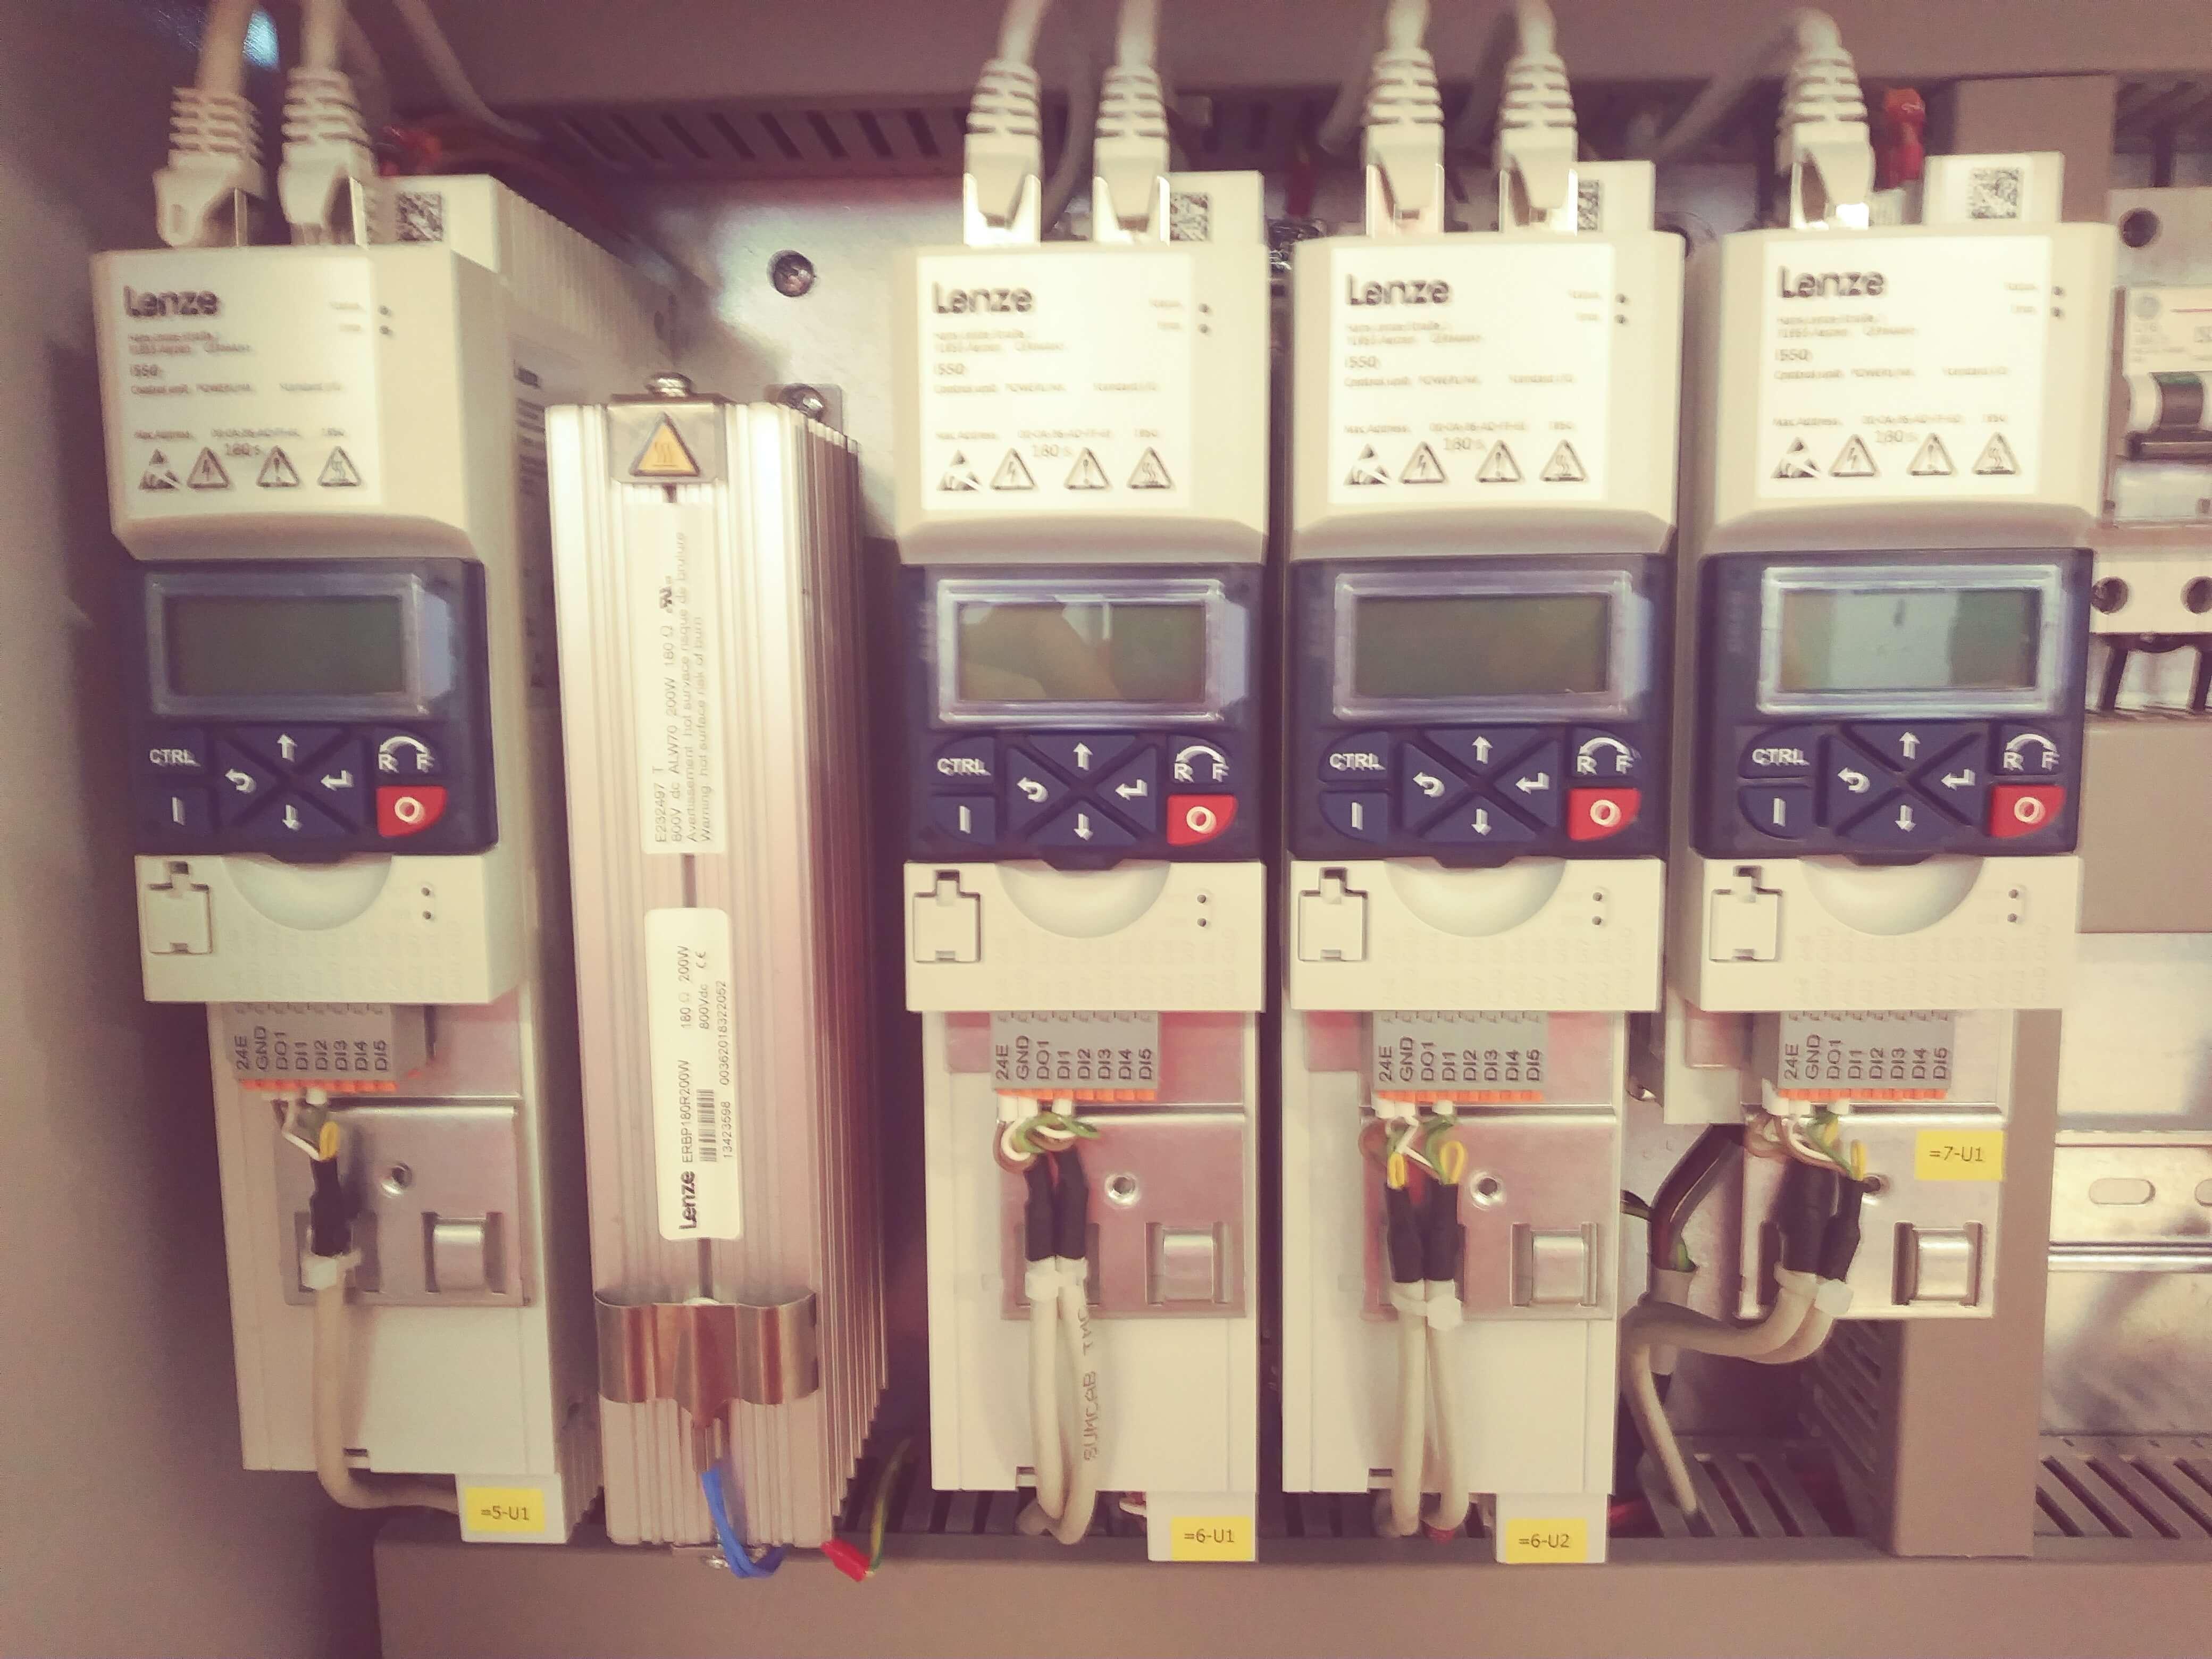 Accionamientos Lenze i500 control y movi máquina - Inel